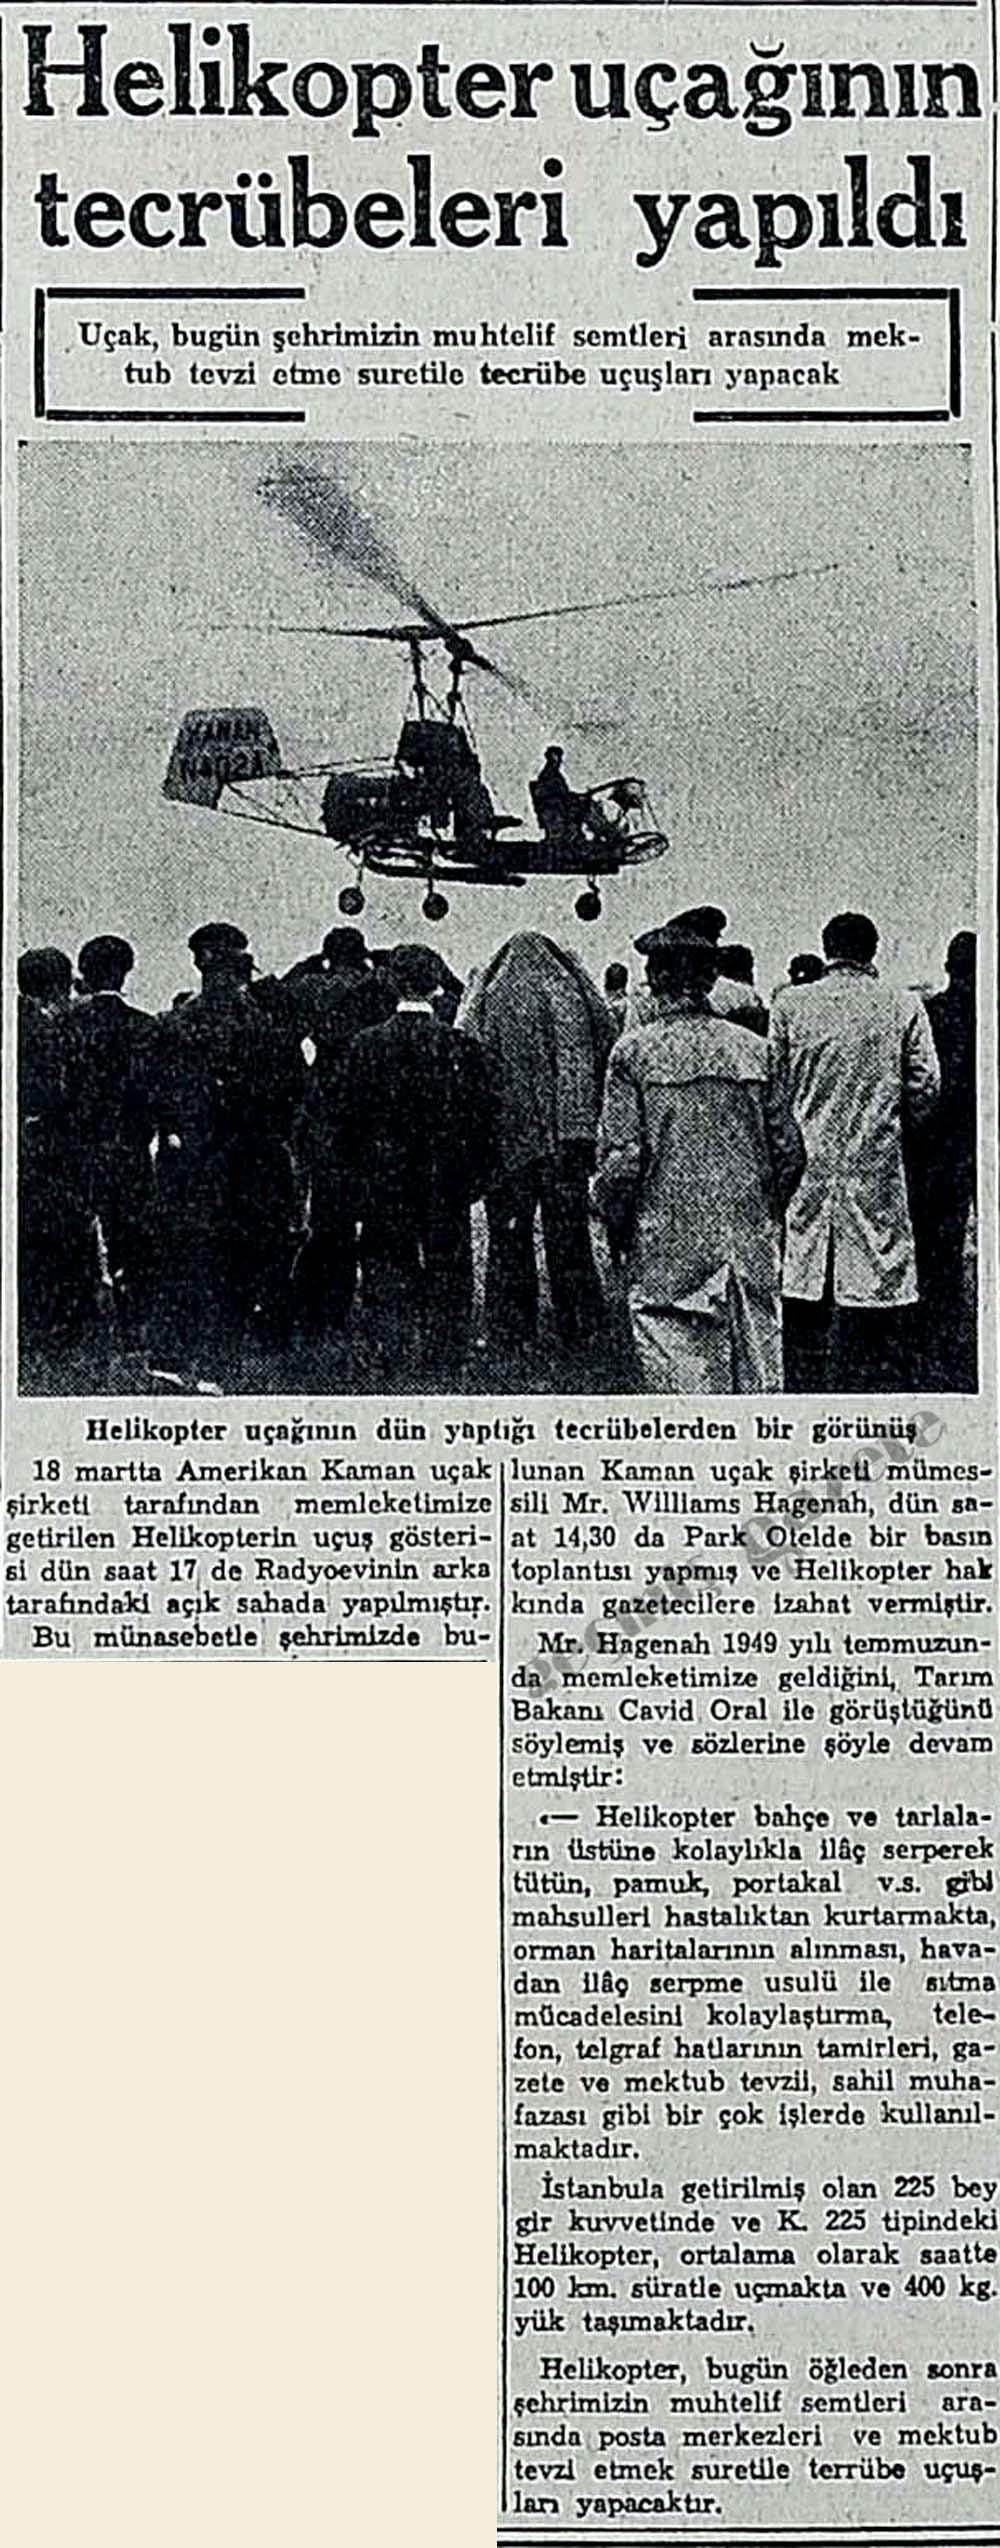 Helikopter uçağının tecrübeleri yapıldı